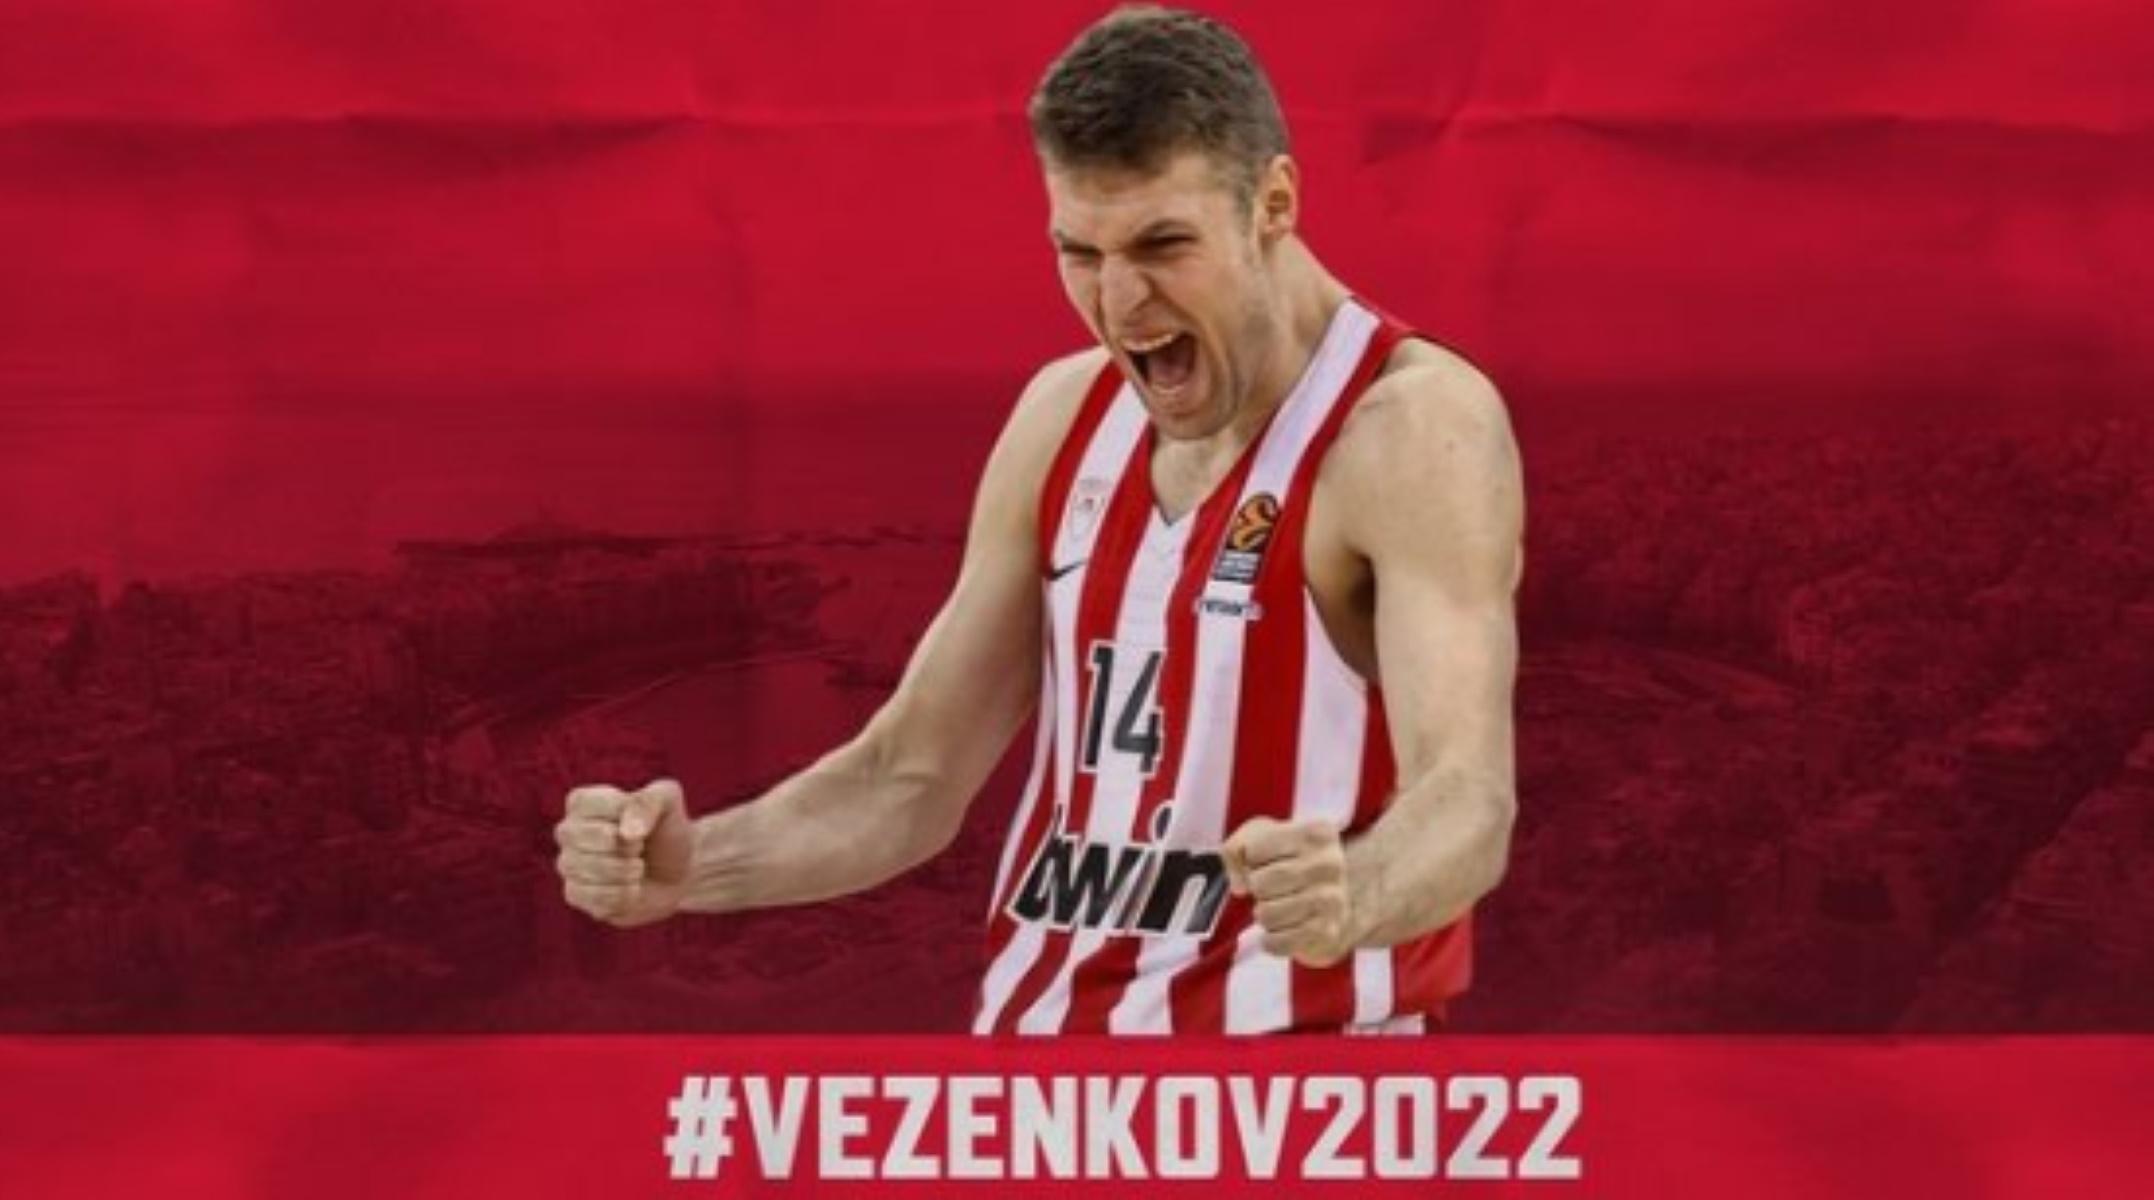 Ολυμπιακός και Βεζένκοφ συνεχίζουν μαζί ως το 2022!